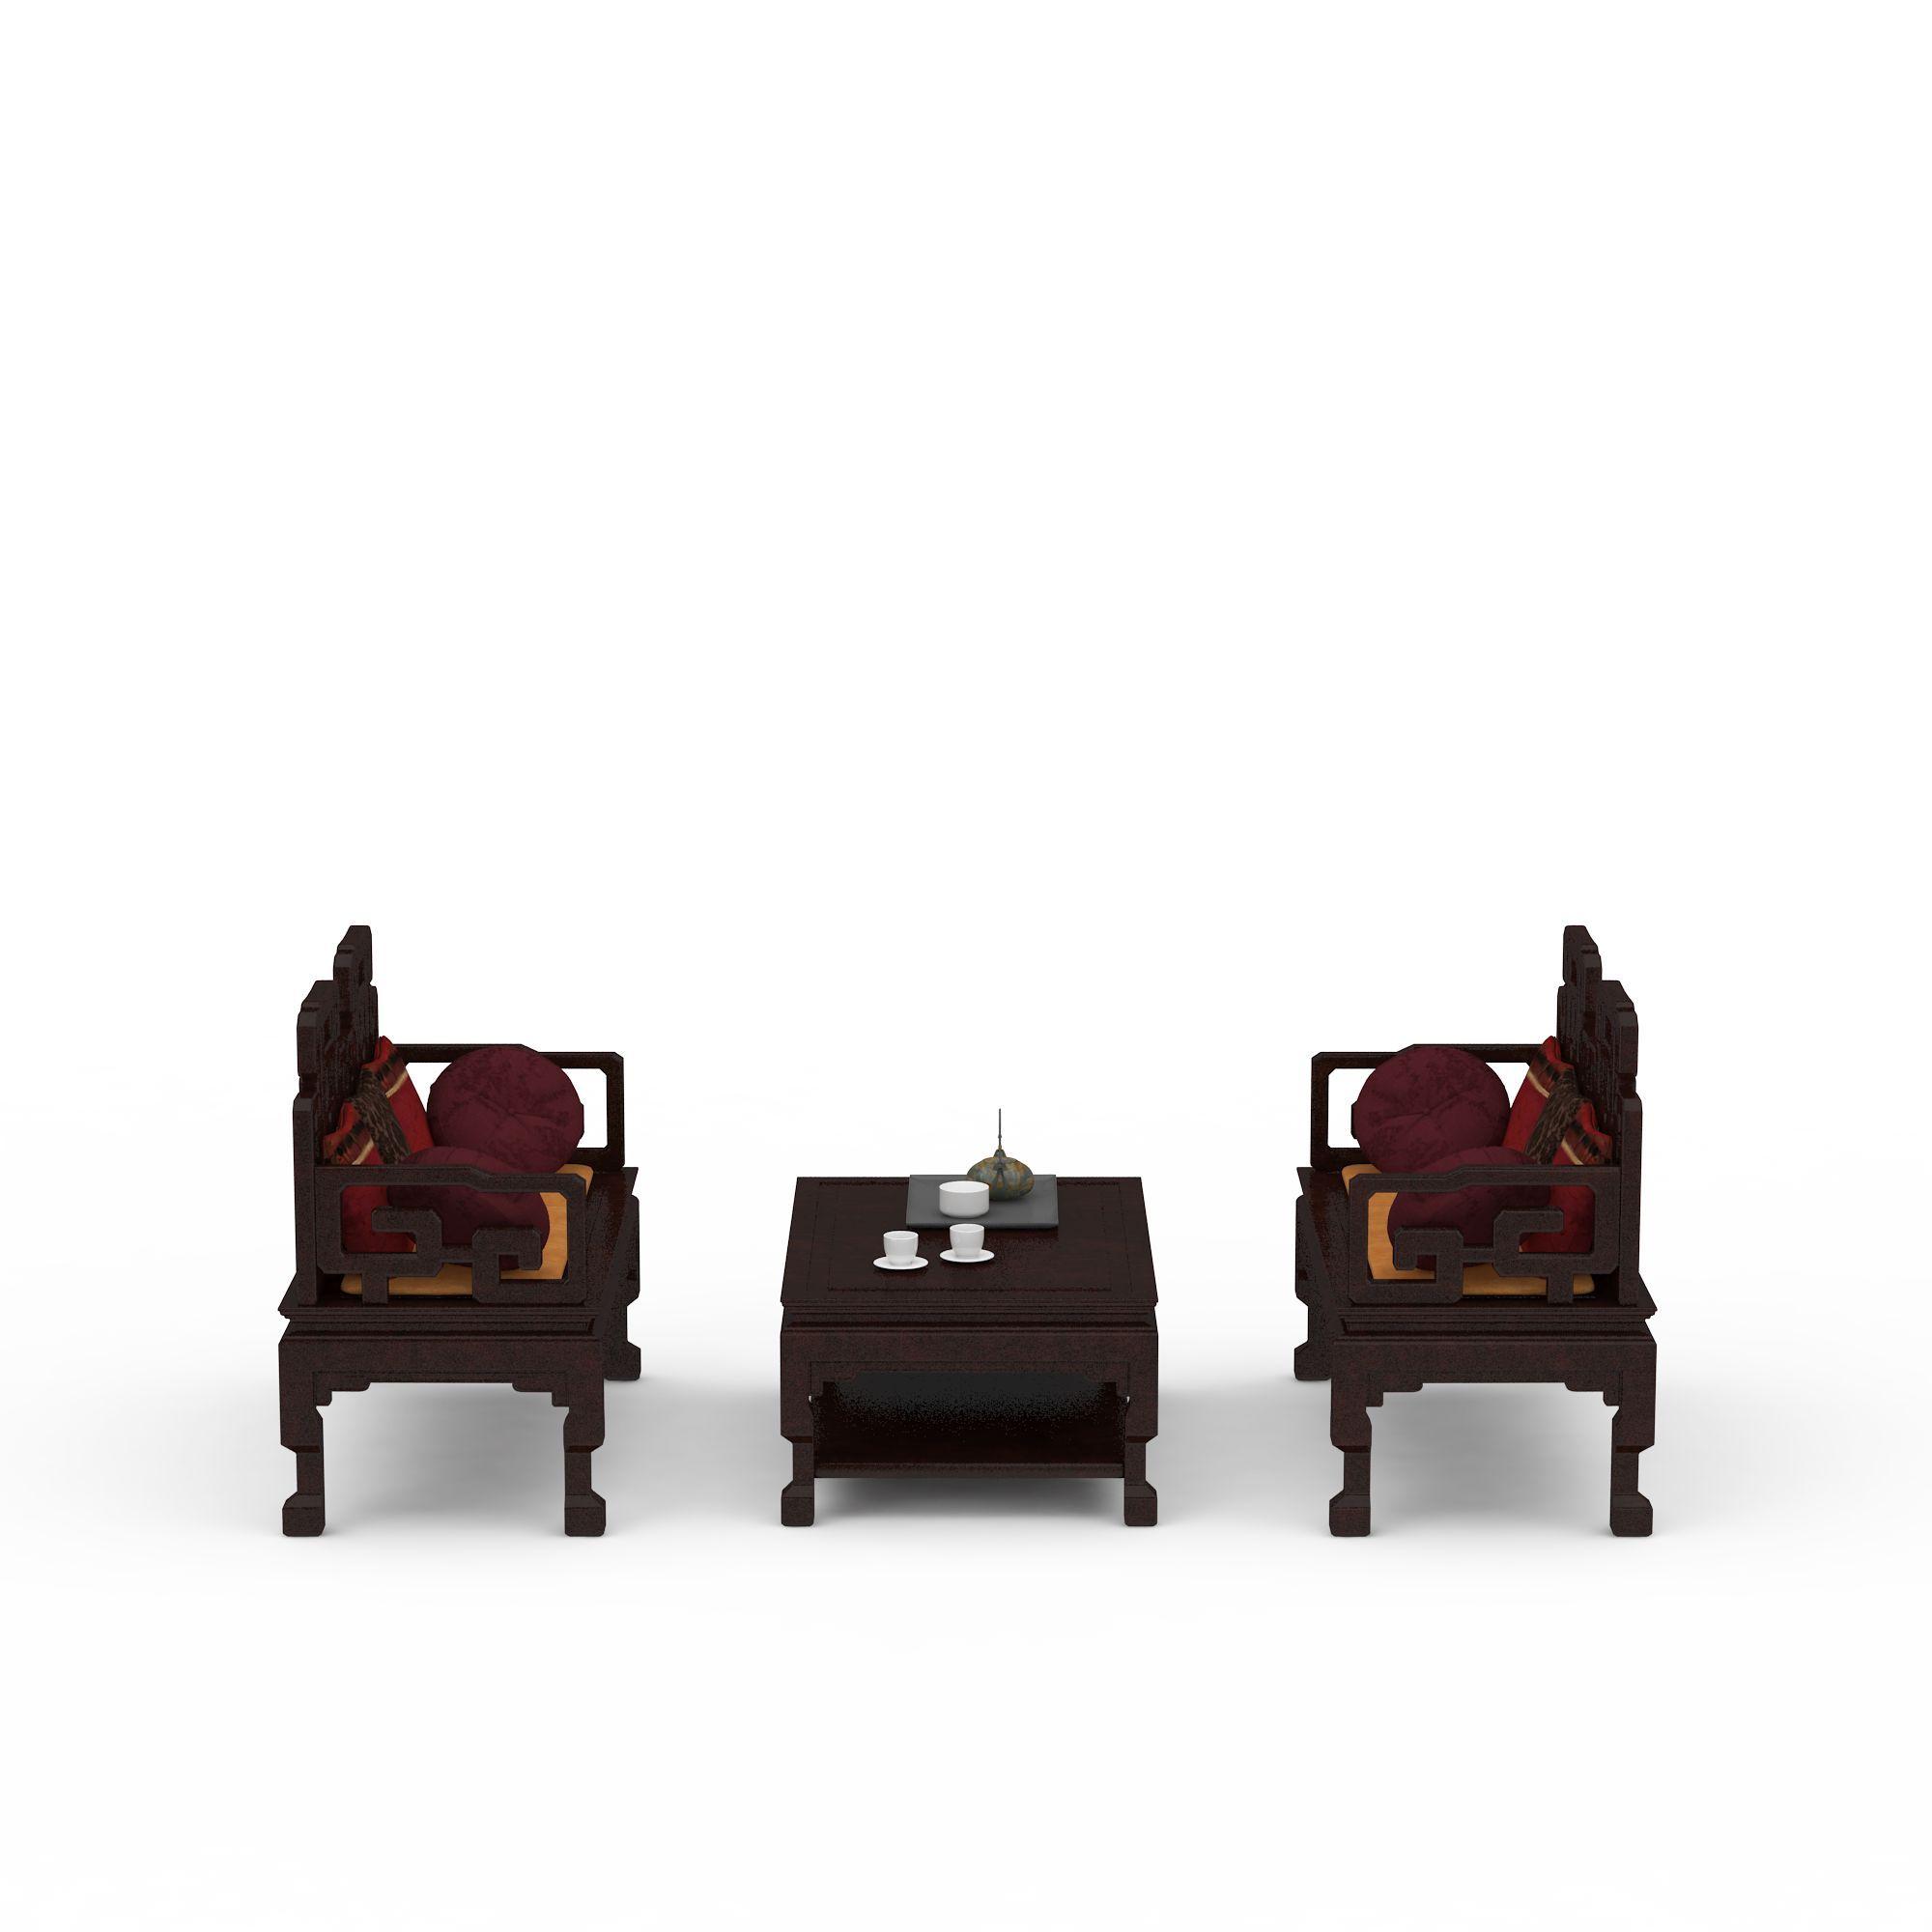 中式组合沙发图片_中式组合沙发png图片素材_中式组合